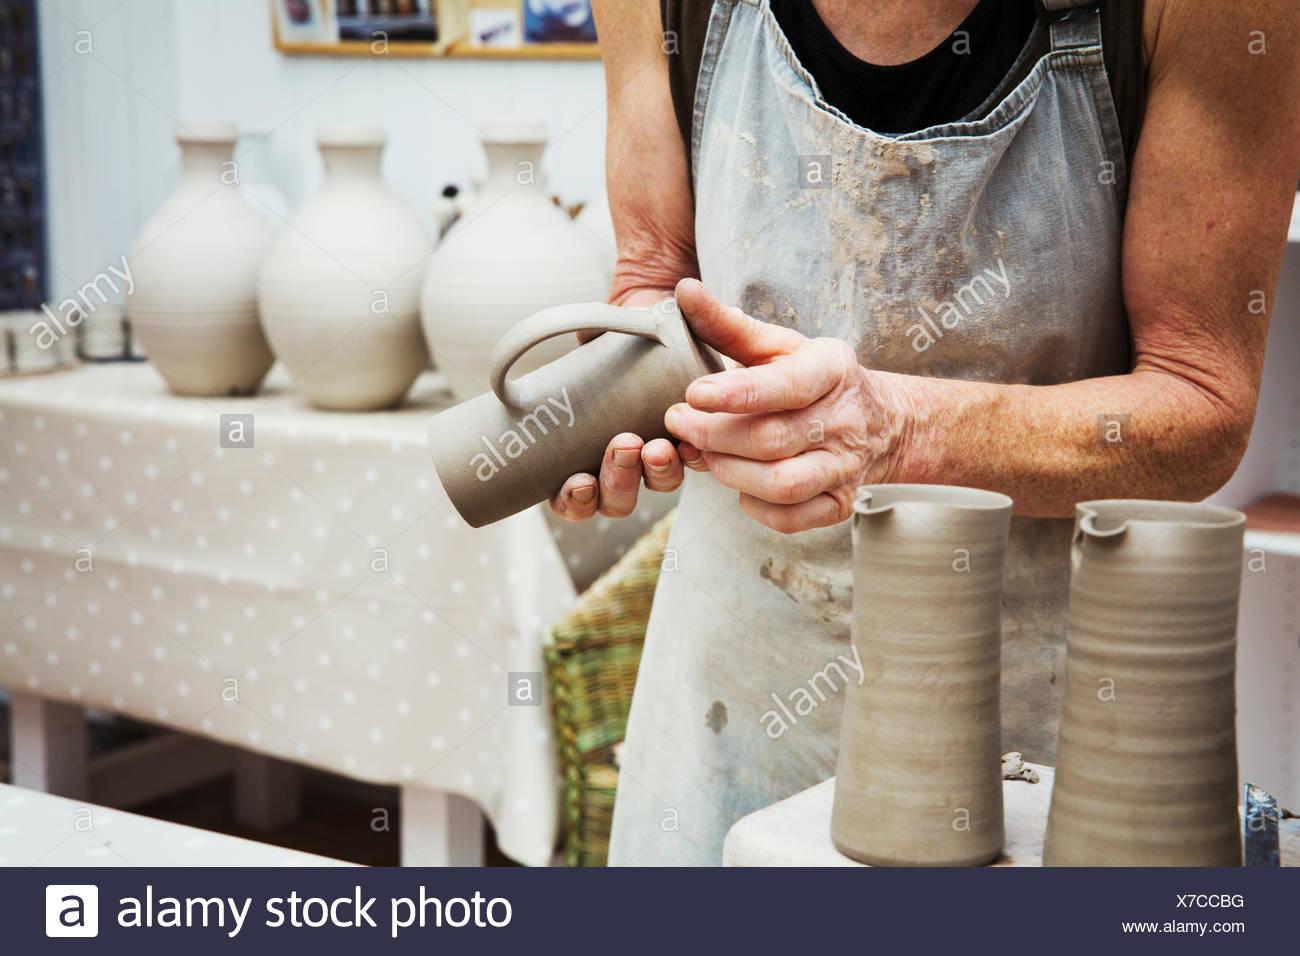 Un potter de la manipulation d'un pot d'argile humide, le lissage de la partie inférieure et la préparer pour la cuisson au four. Banque D'Images